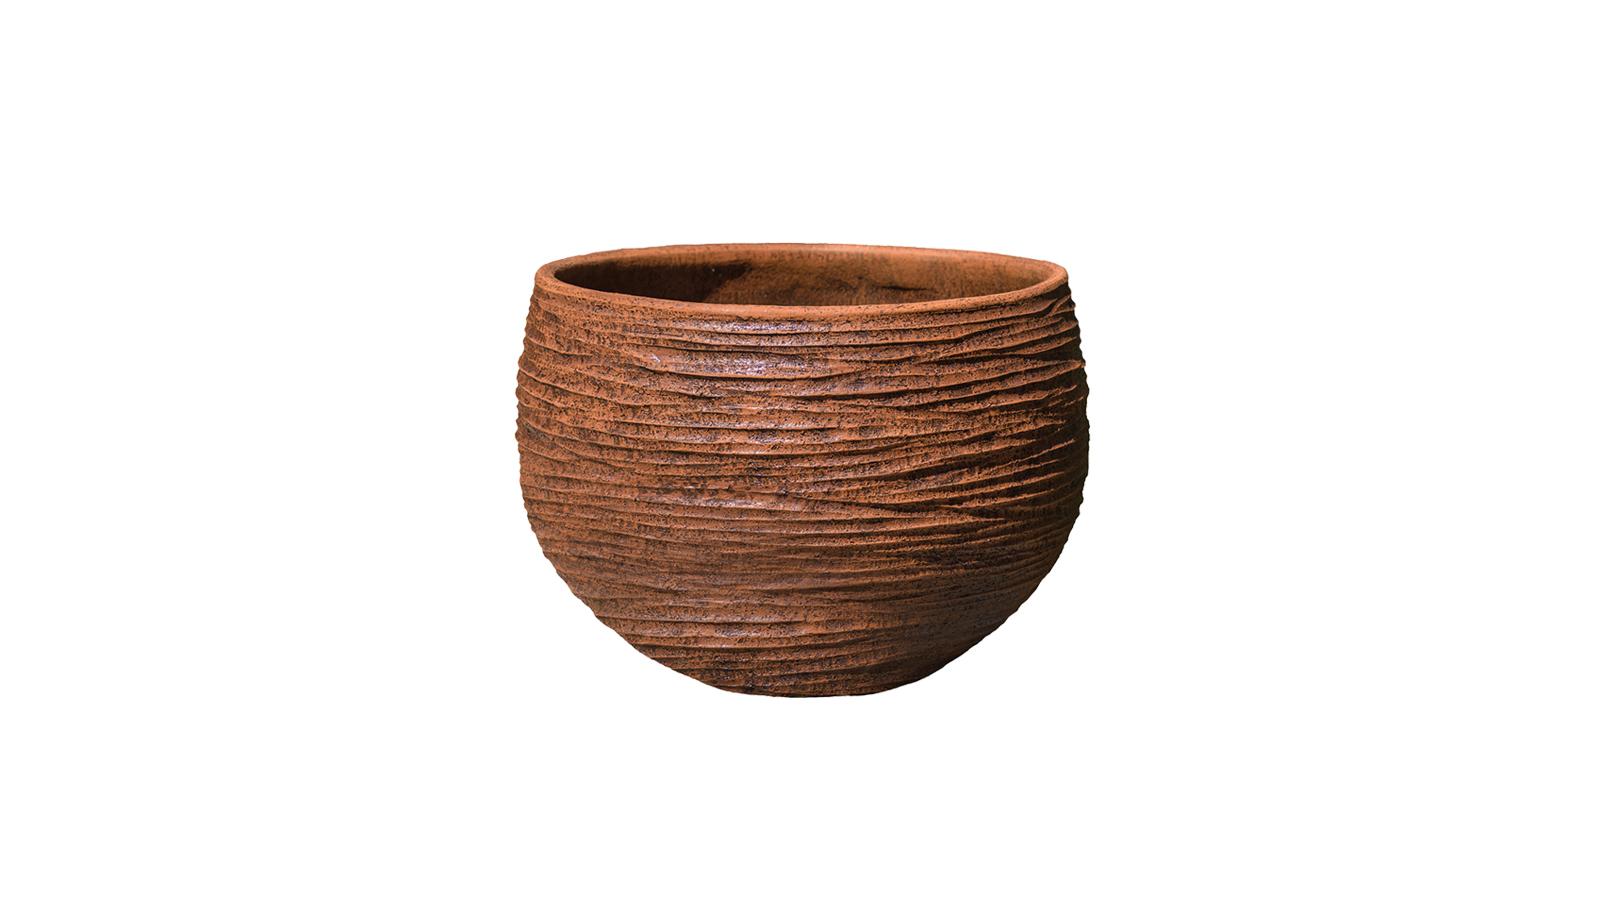 Rusztikus felületek, természetes anyagok és természetesen kézi megmunkálás: a Domani Milos kaspói mind tökéletesen egyediek és remek kontrasztot alkotnak a modern, high-tech vagy akár art deco enteriőrök berendezésével is.